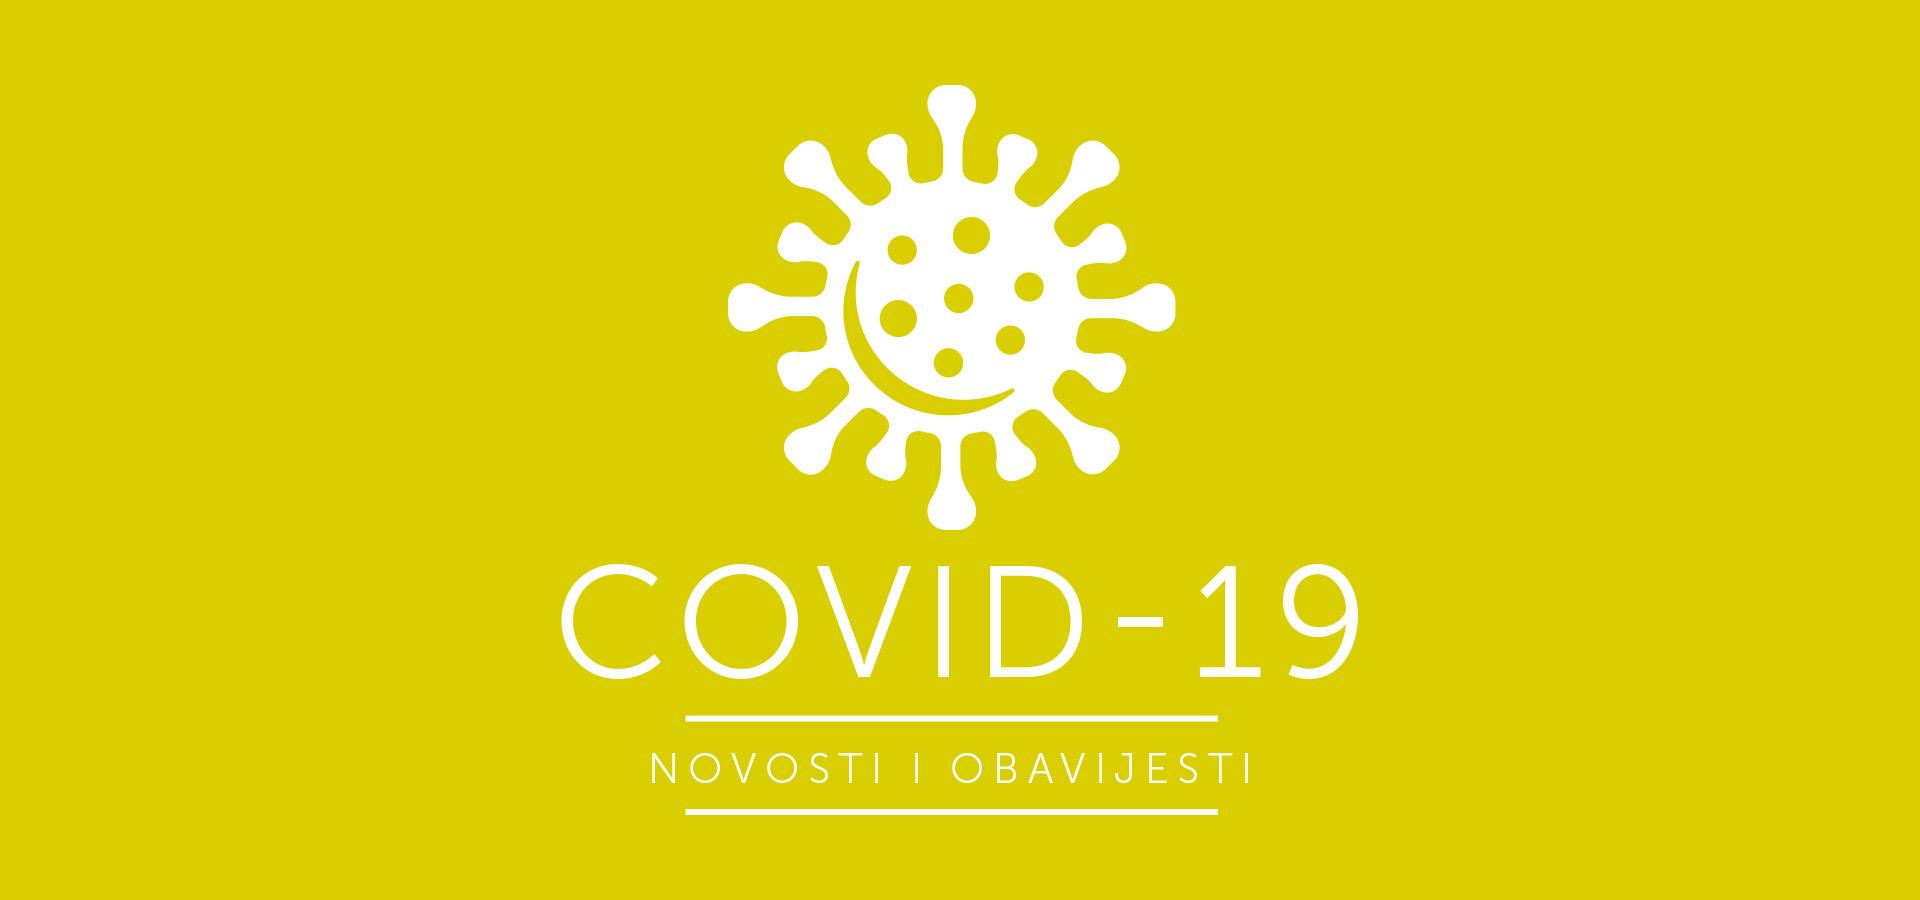 Covid-19 novosti i obavijesti 1080